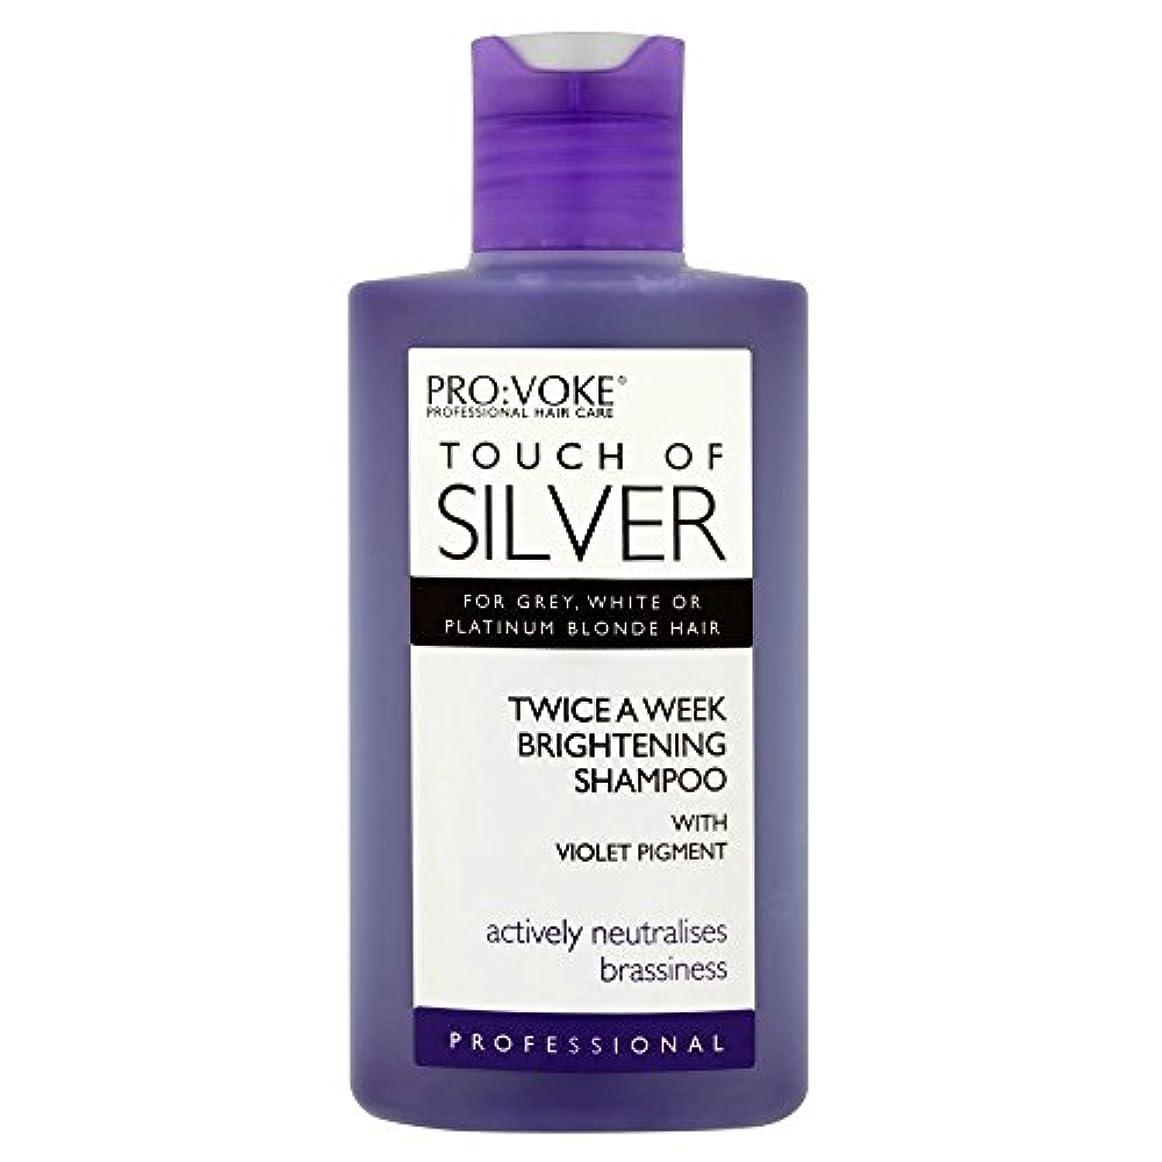 組み立てるノート筋肉のPro:voke Touch of Silver Professional Twice a Week Brightening Shampoo (150ml) プロ:プロの銀二回週白シャンプーのvokeタッチ( 150ミリリットル...